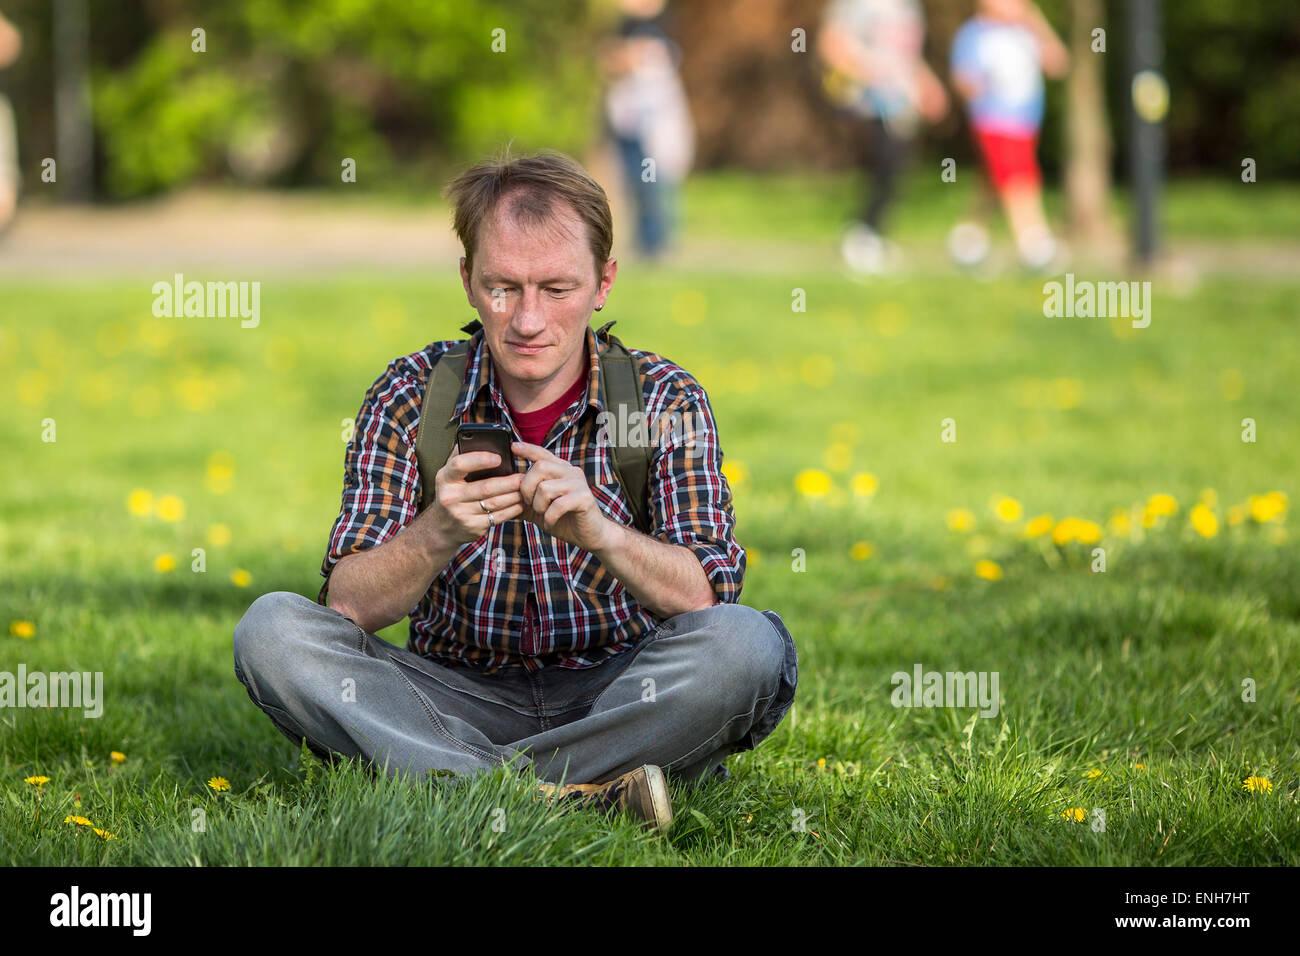 Junger Mann mit Smartphone sitzen auf dem Rasen in einer Stadt Park. Stockbild